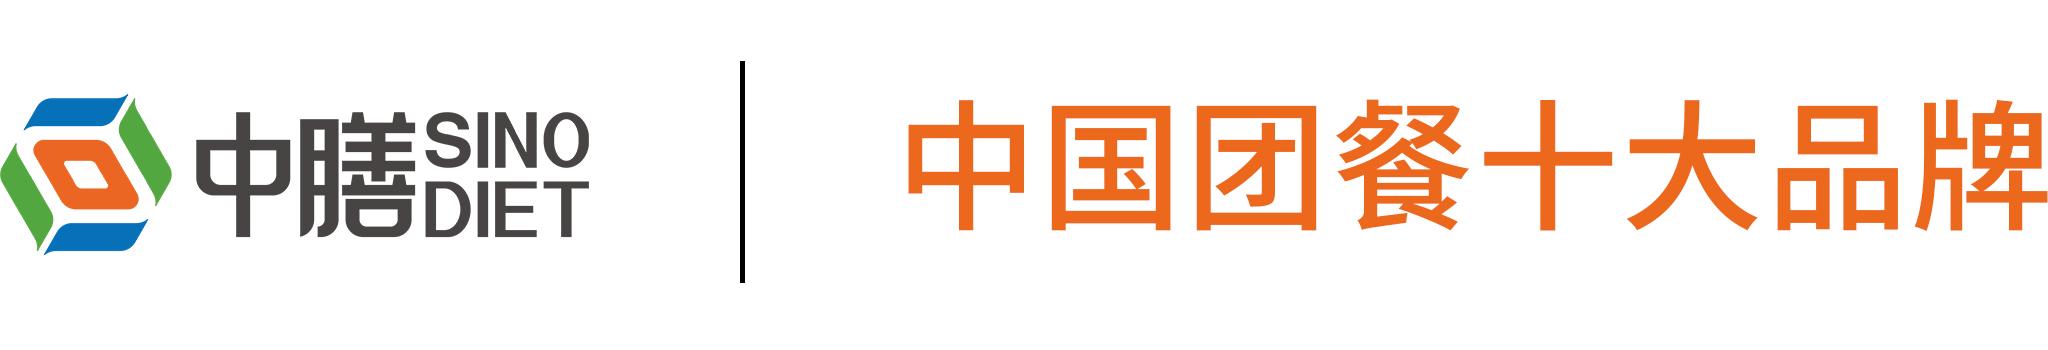 中膳国际团餐产业集团-饭堂承包